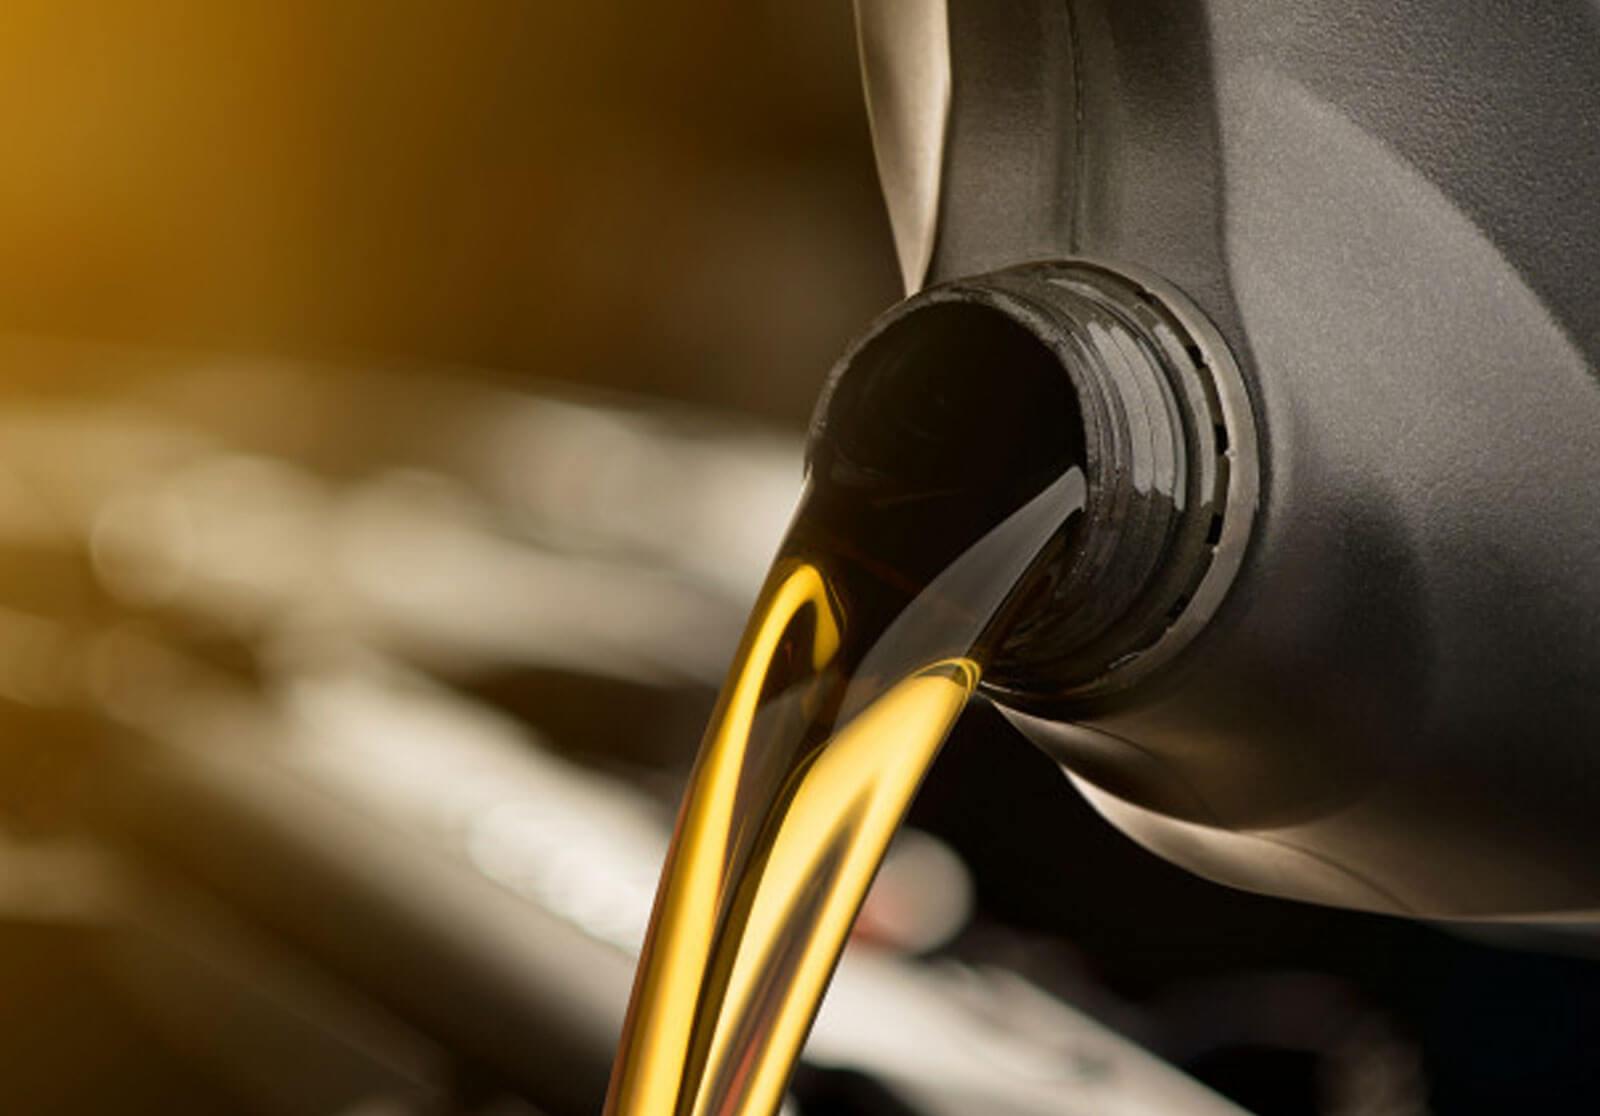 Cómo impedir el robo de combustible